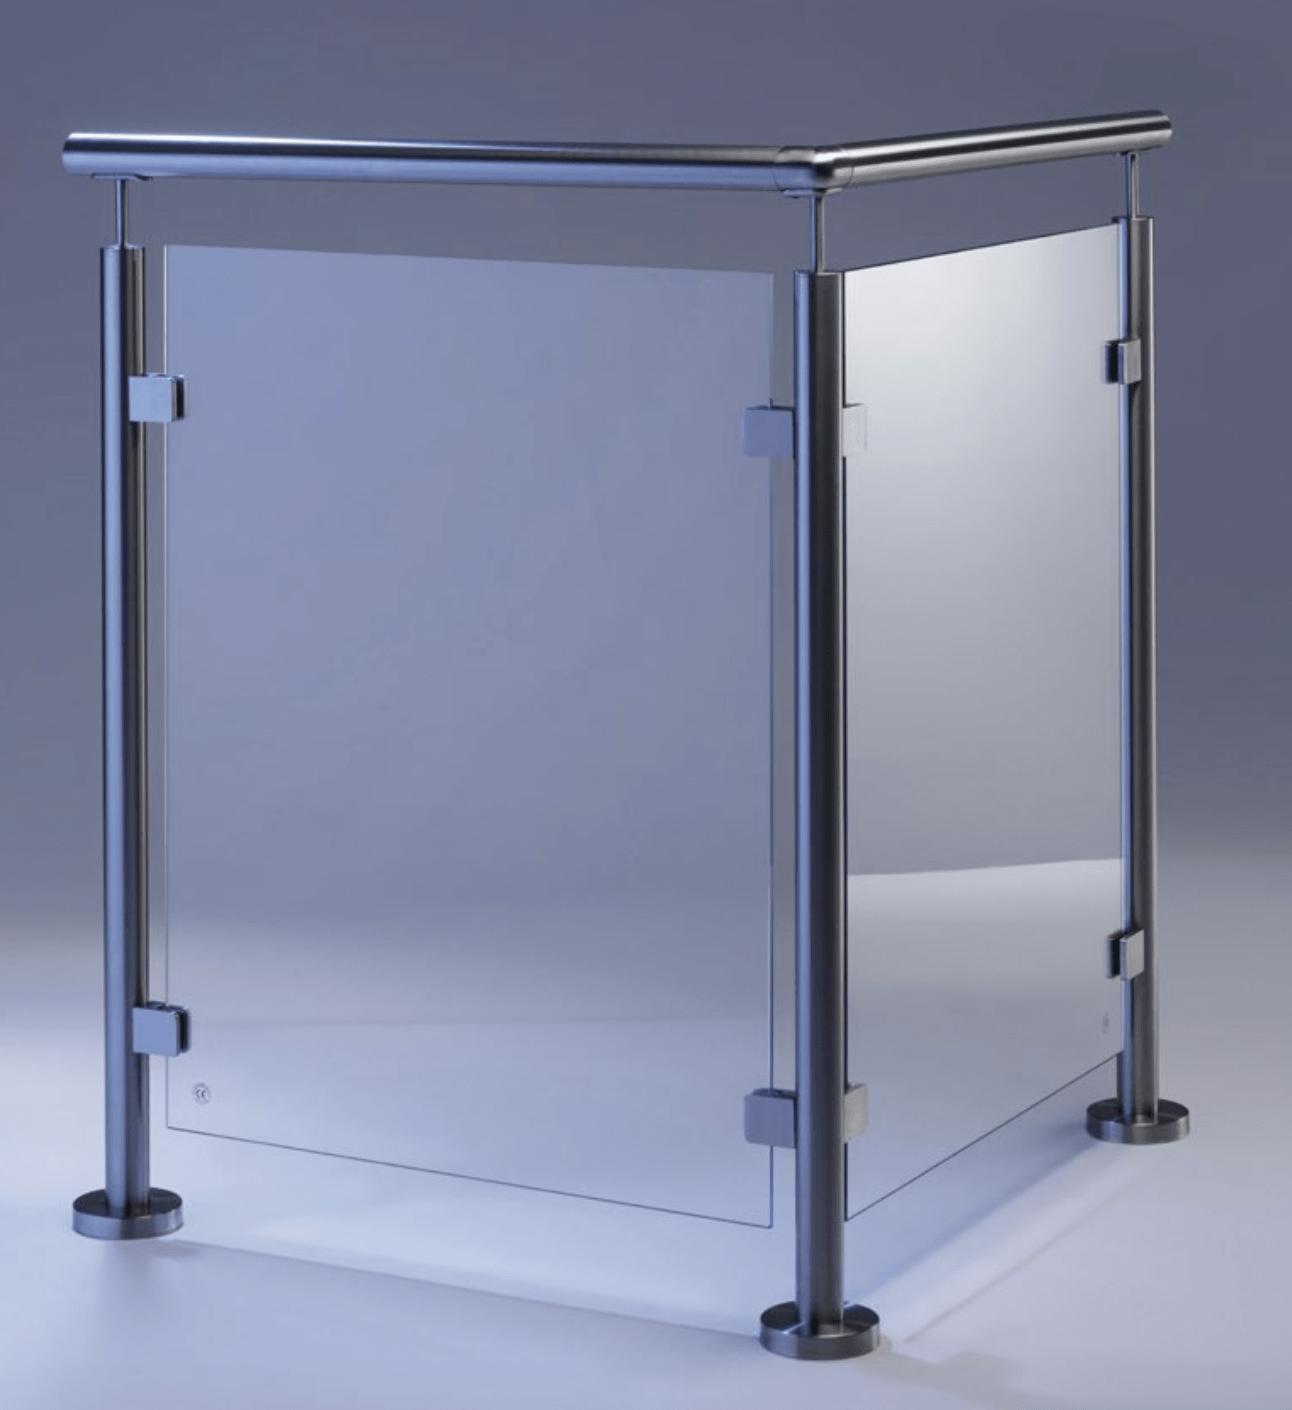 Standart klaaspiire